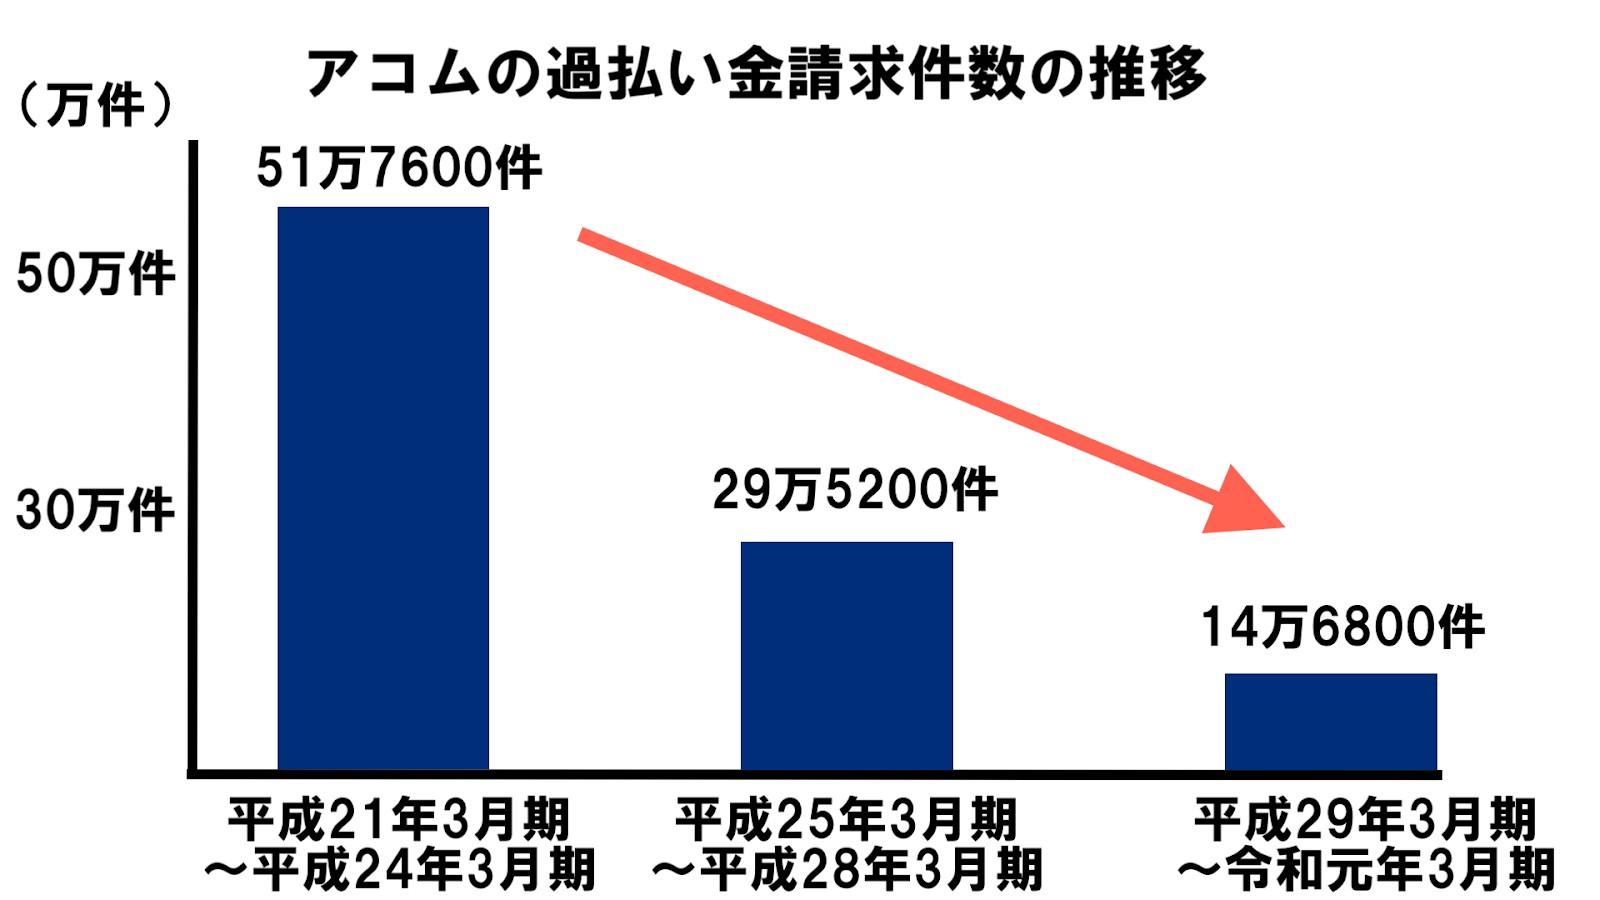 アコムの過払い金請求件数の推移